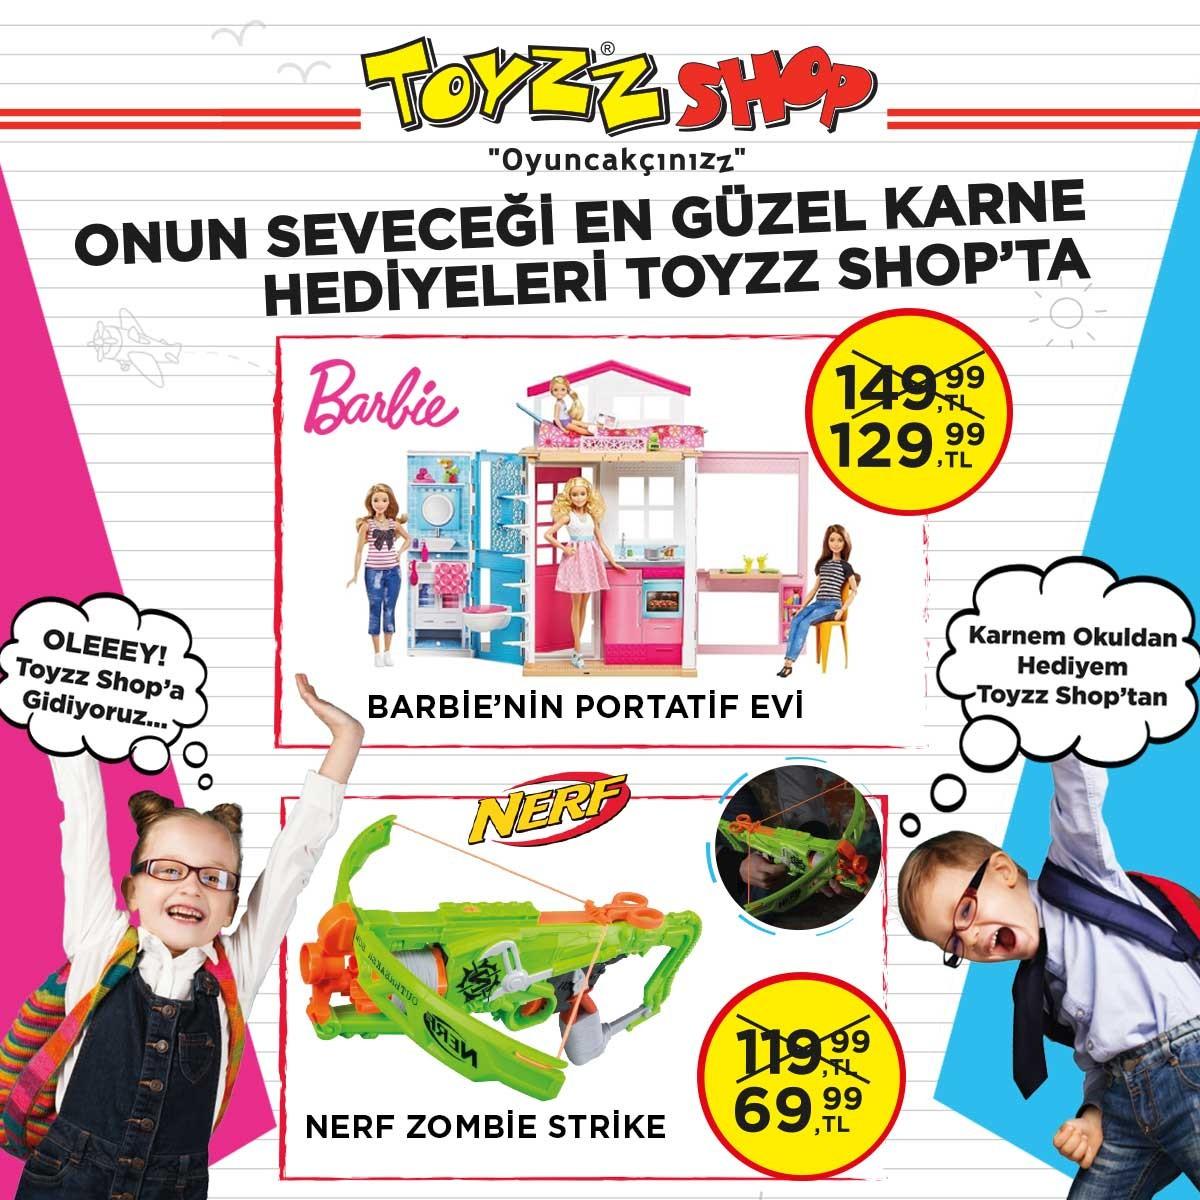 En Güzel Karne Hediyeleri #AntalyaMigros AVM Toyzz Shop'da!